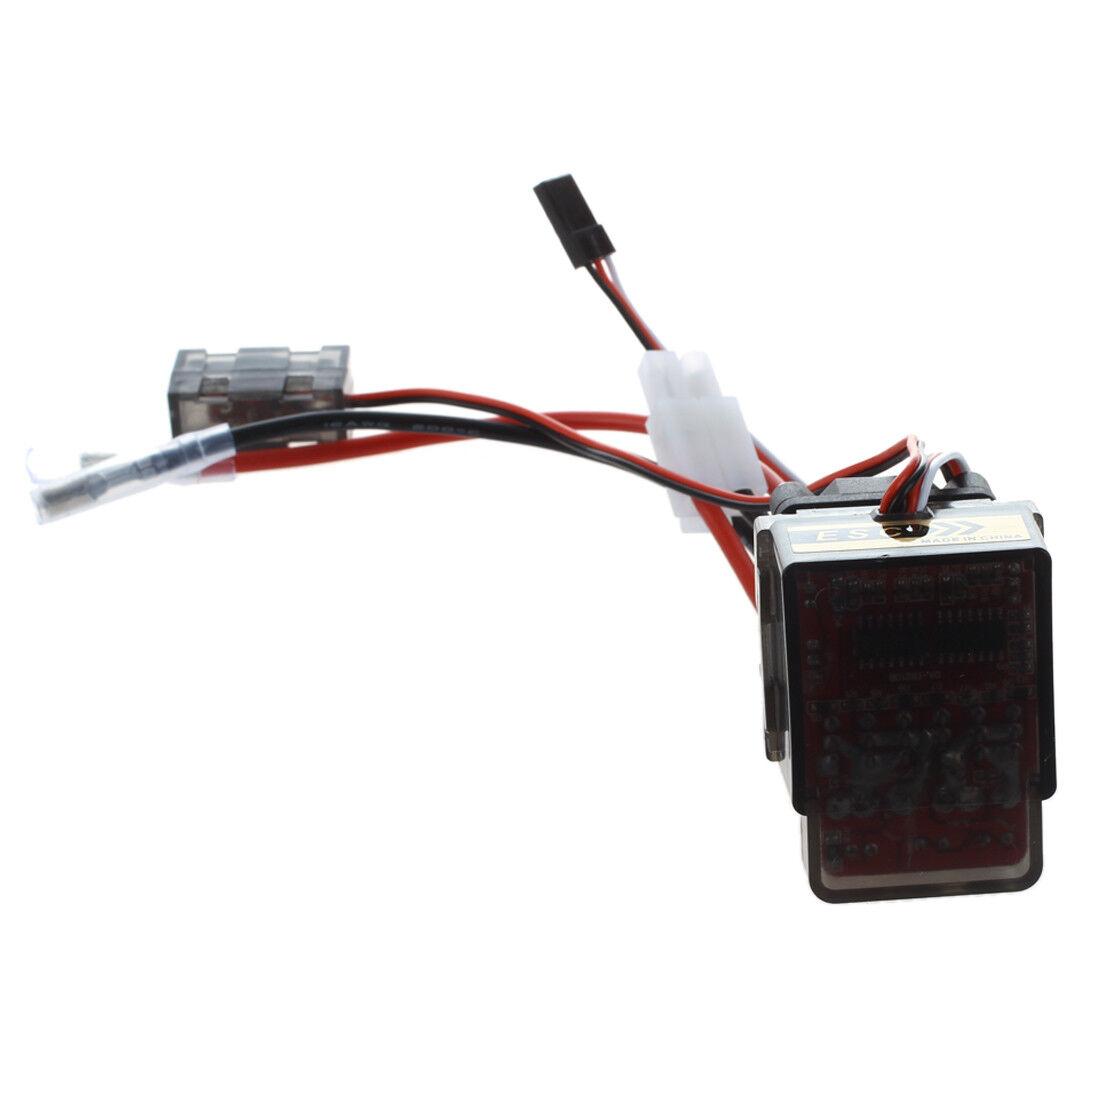 10x (sodial (R) 320a alto regulador de voltaje con una buerste ESC para RC todoterreno e GL